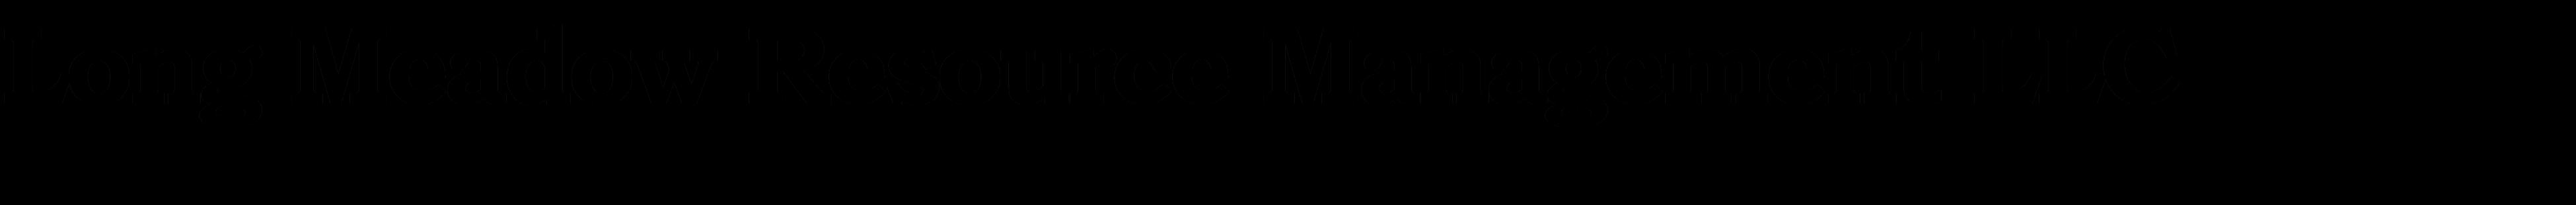 LMRM02